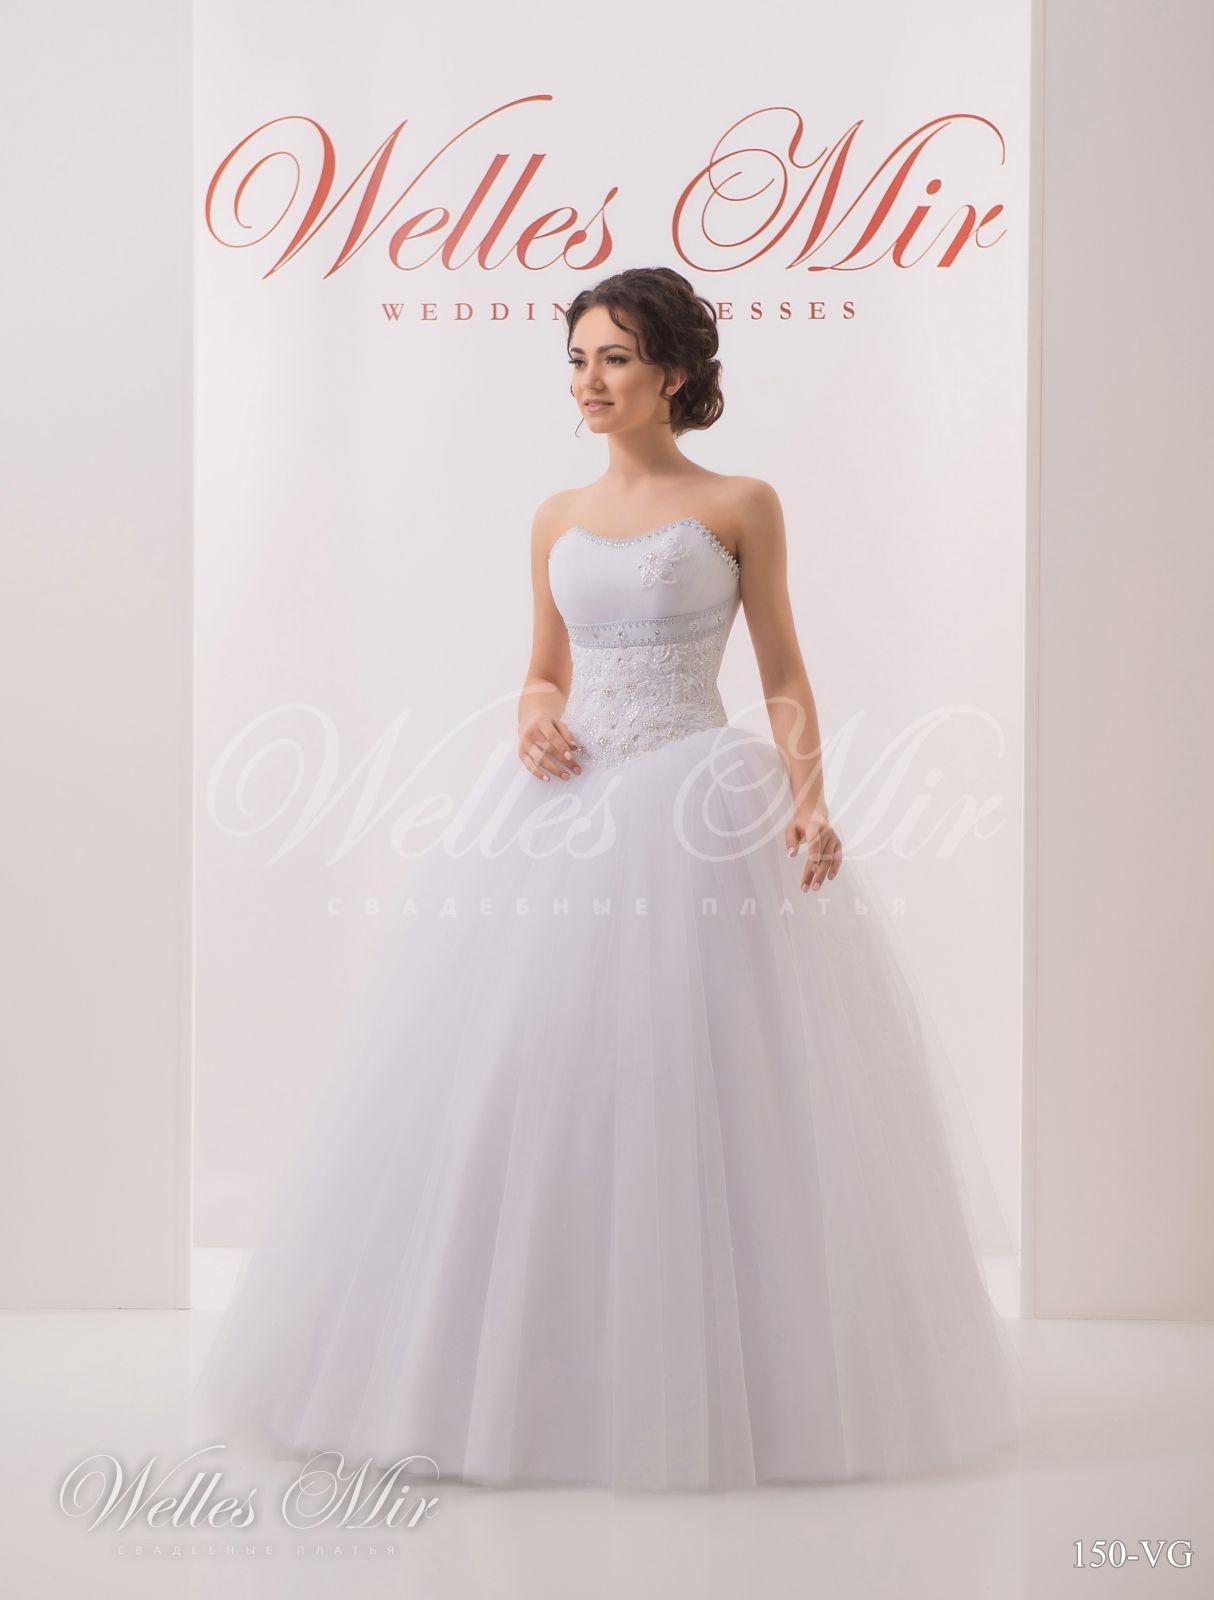 Свадебные платья Soft collection - 150-VG